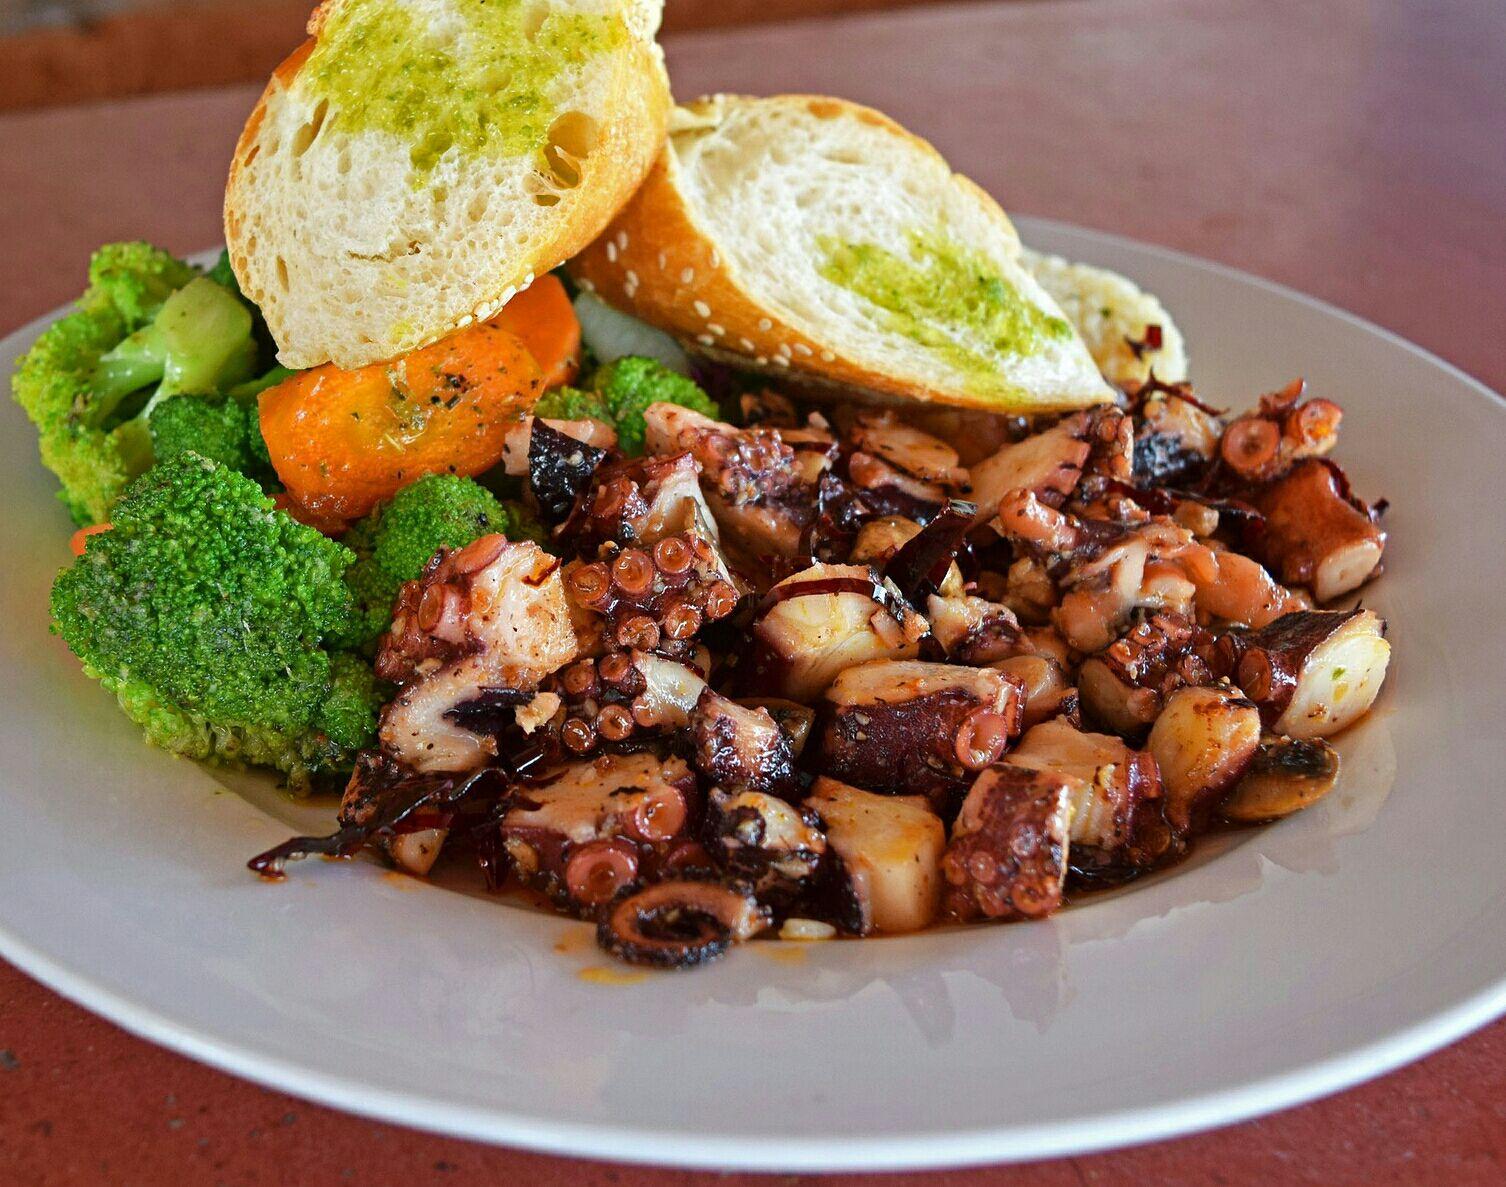 Spicy Black Pepper Octopus Recipe Resep Gurita Merica Memasak